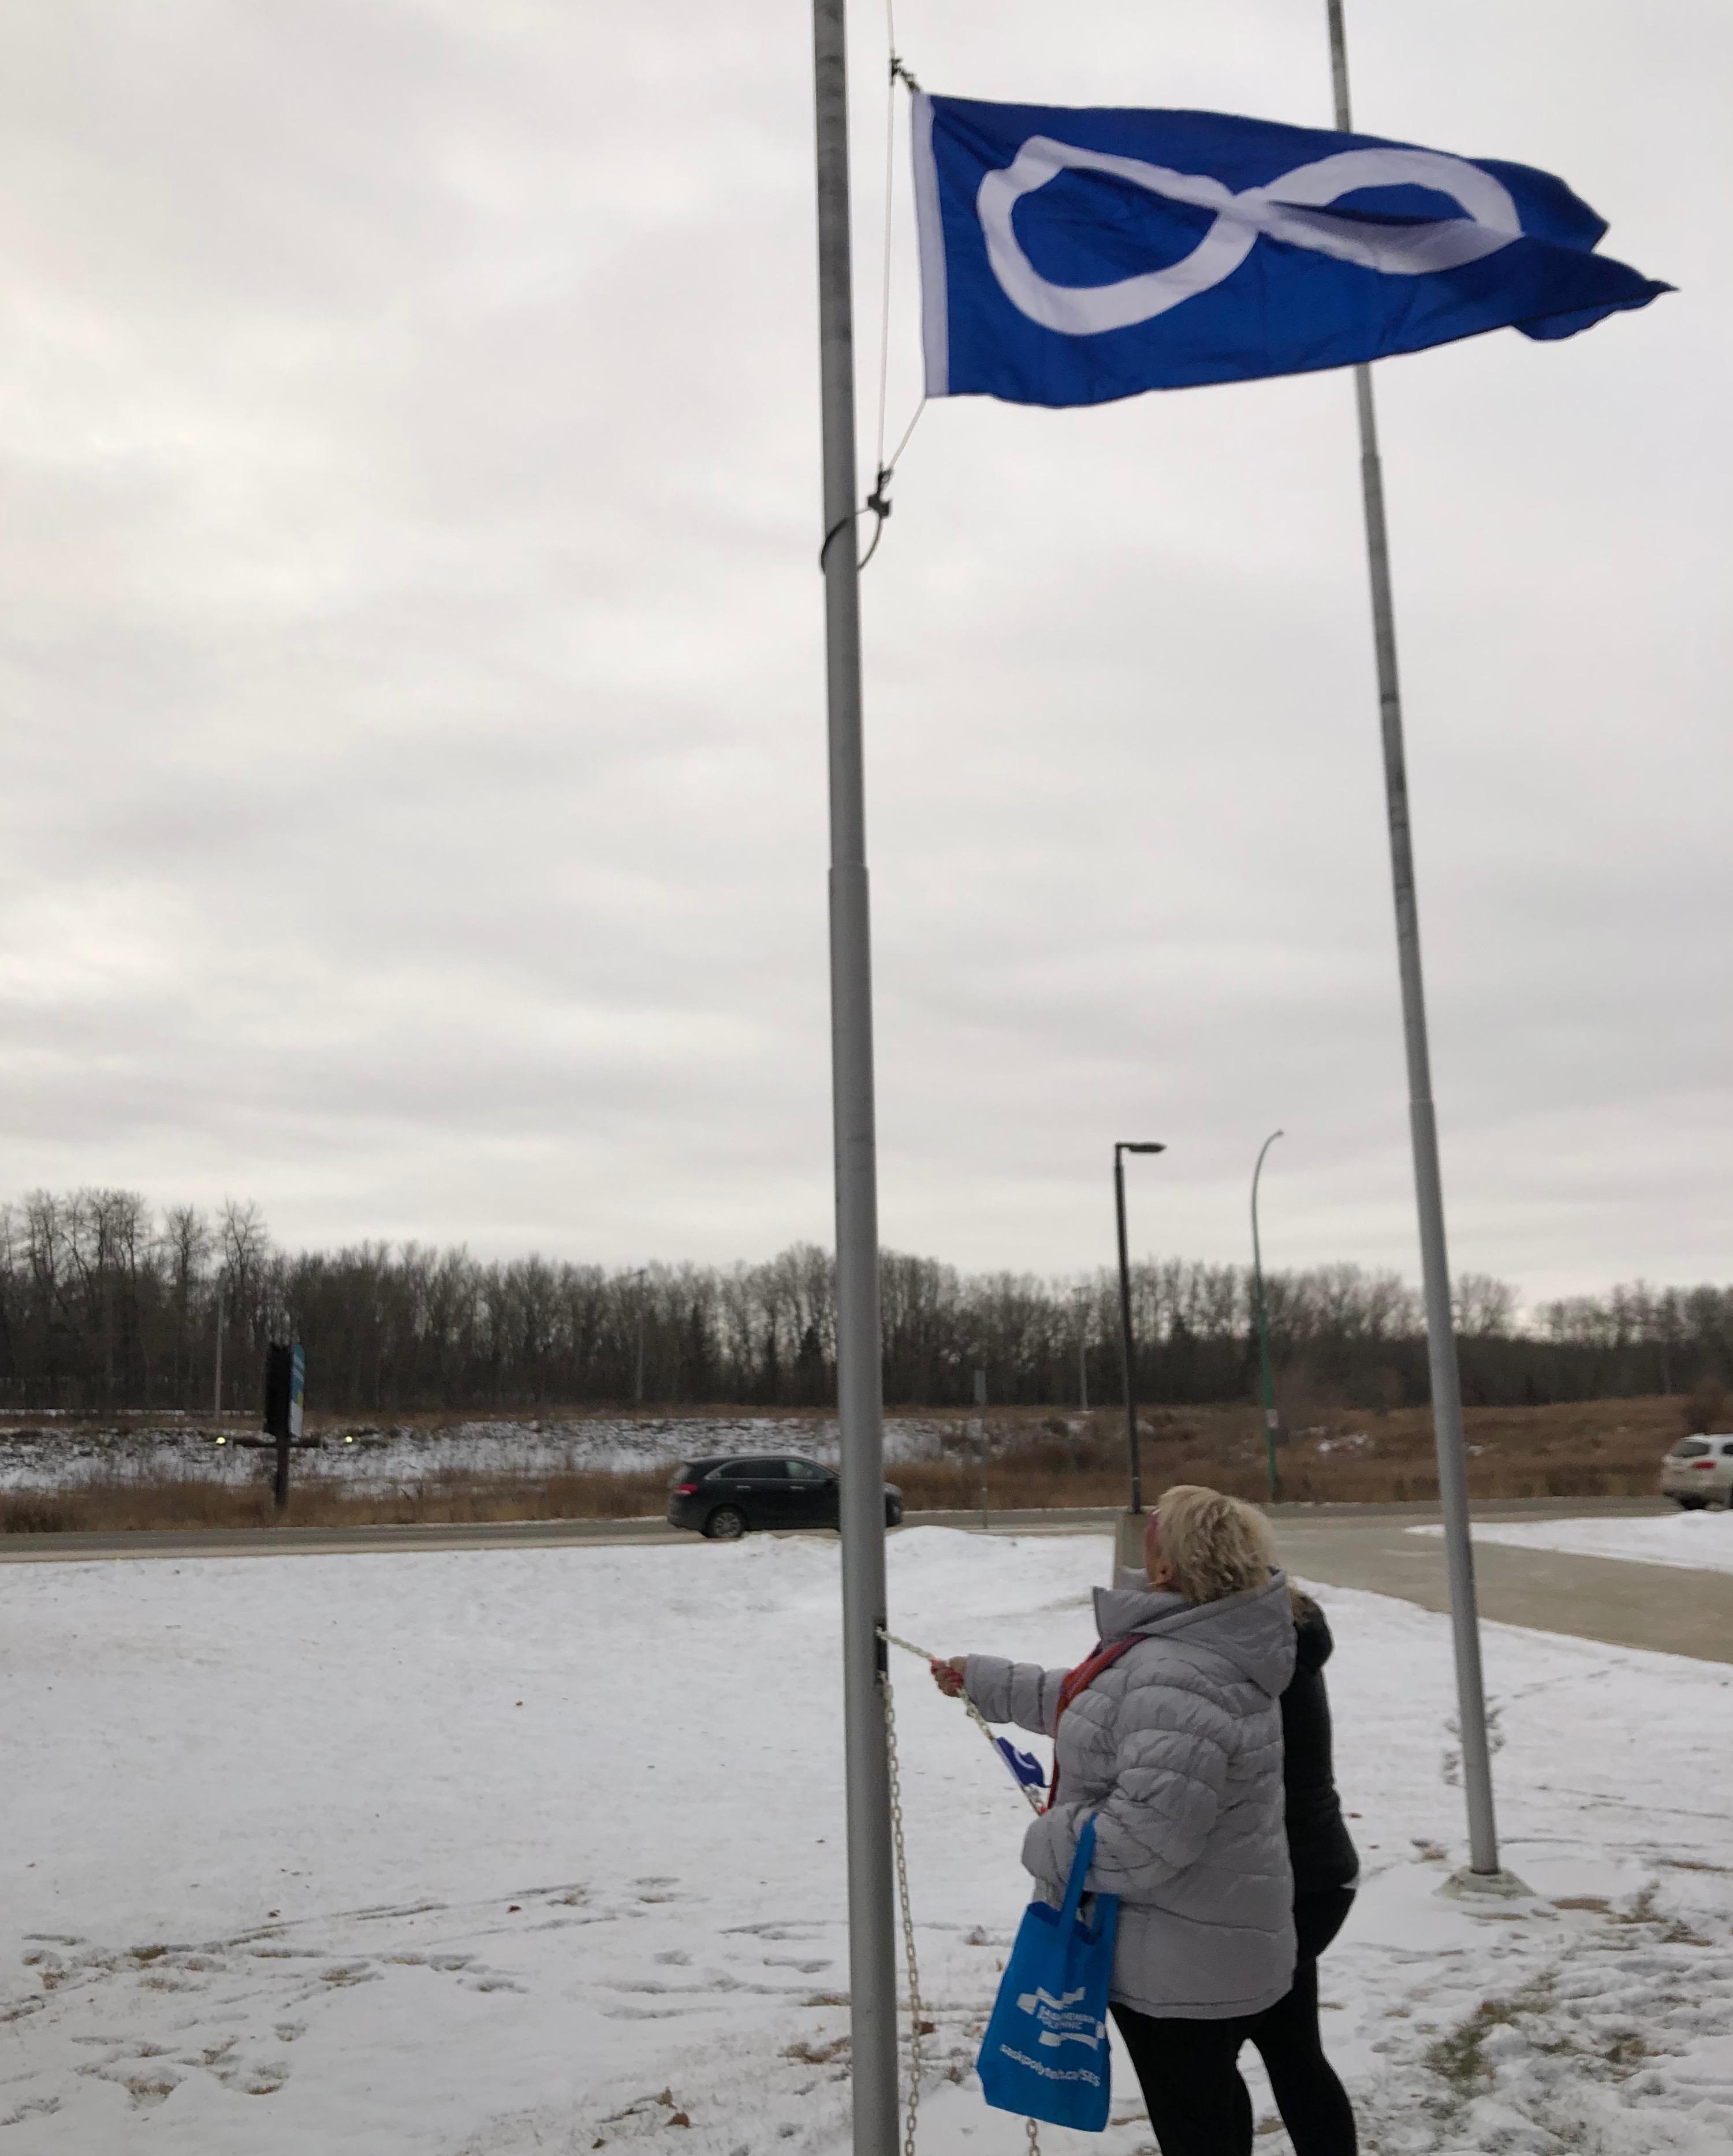 Sask. Polytechnic honours Louis Riel with Métis flag raising ceremonies